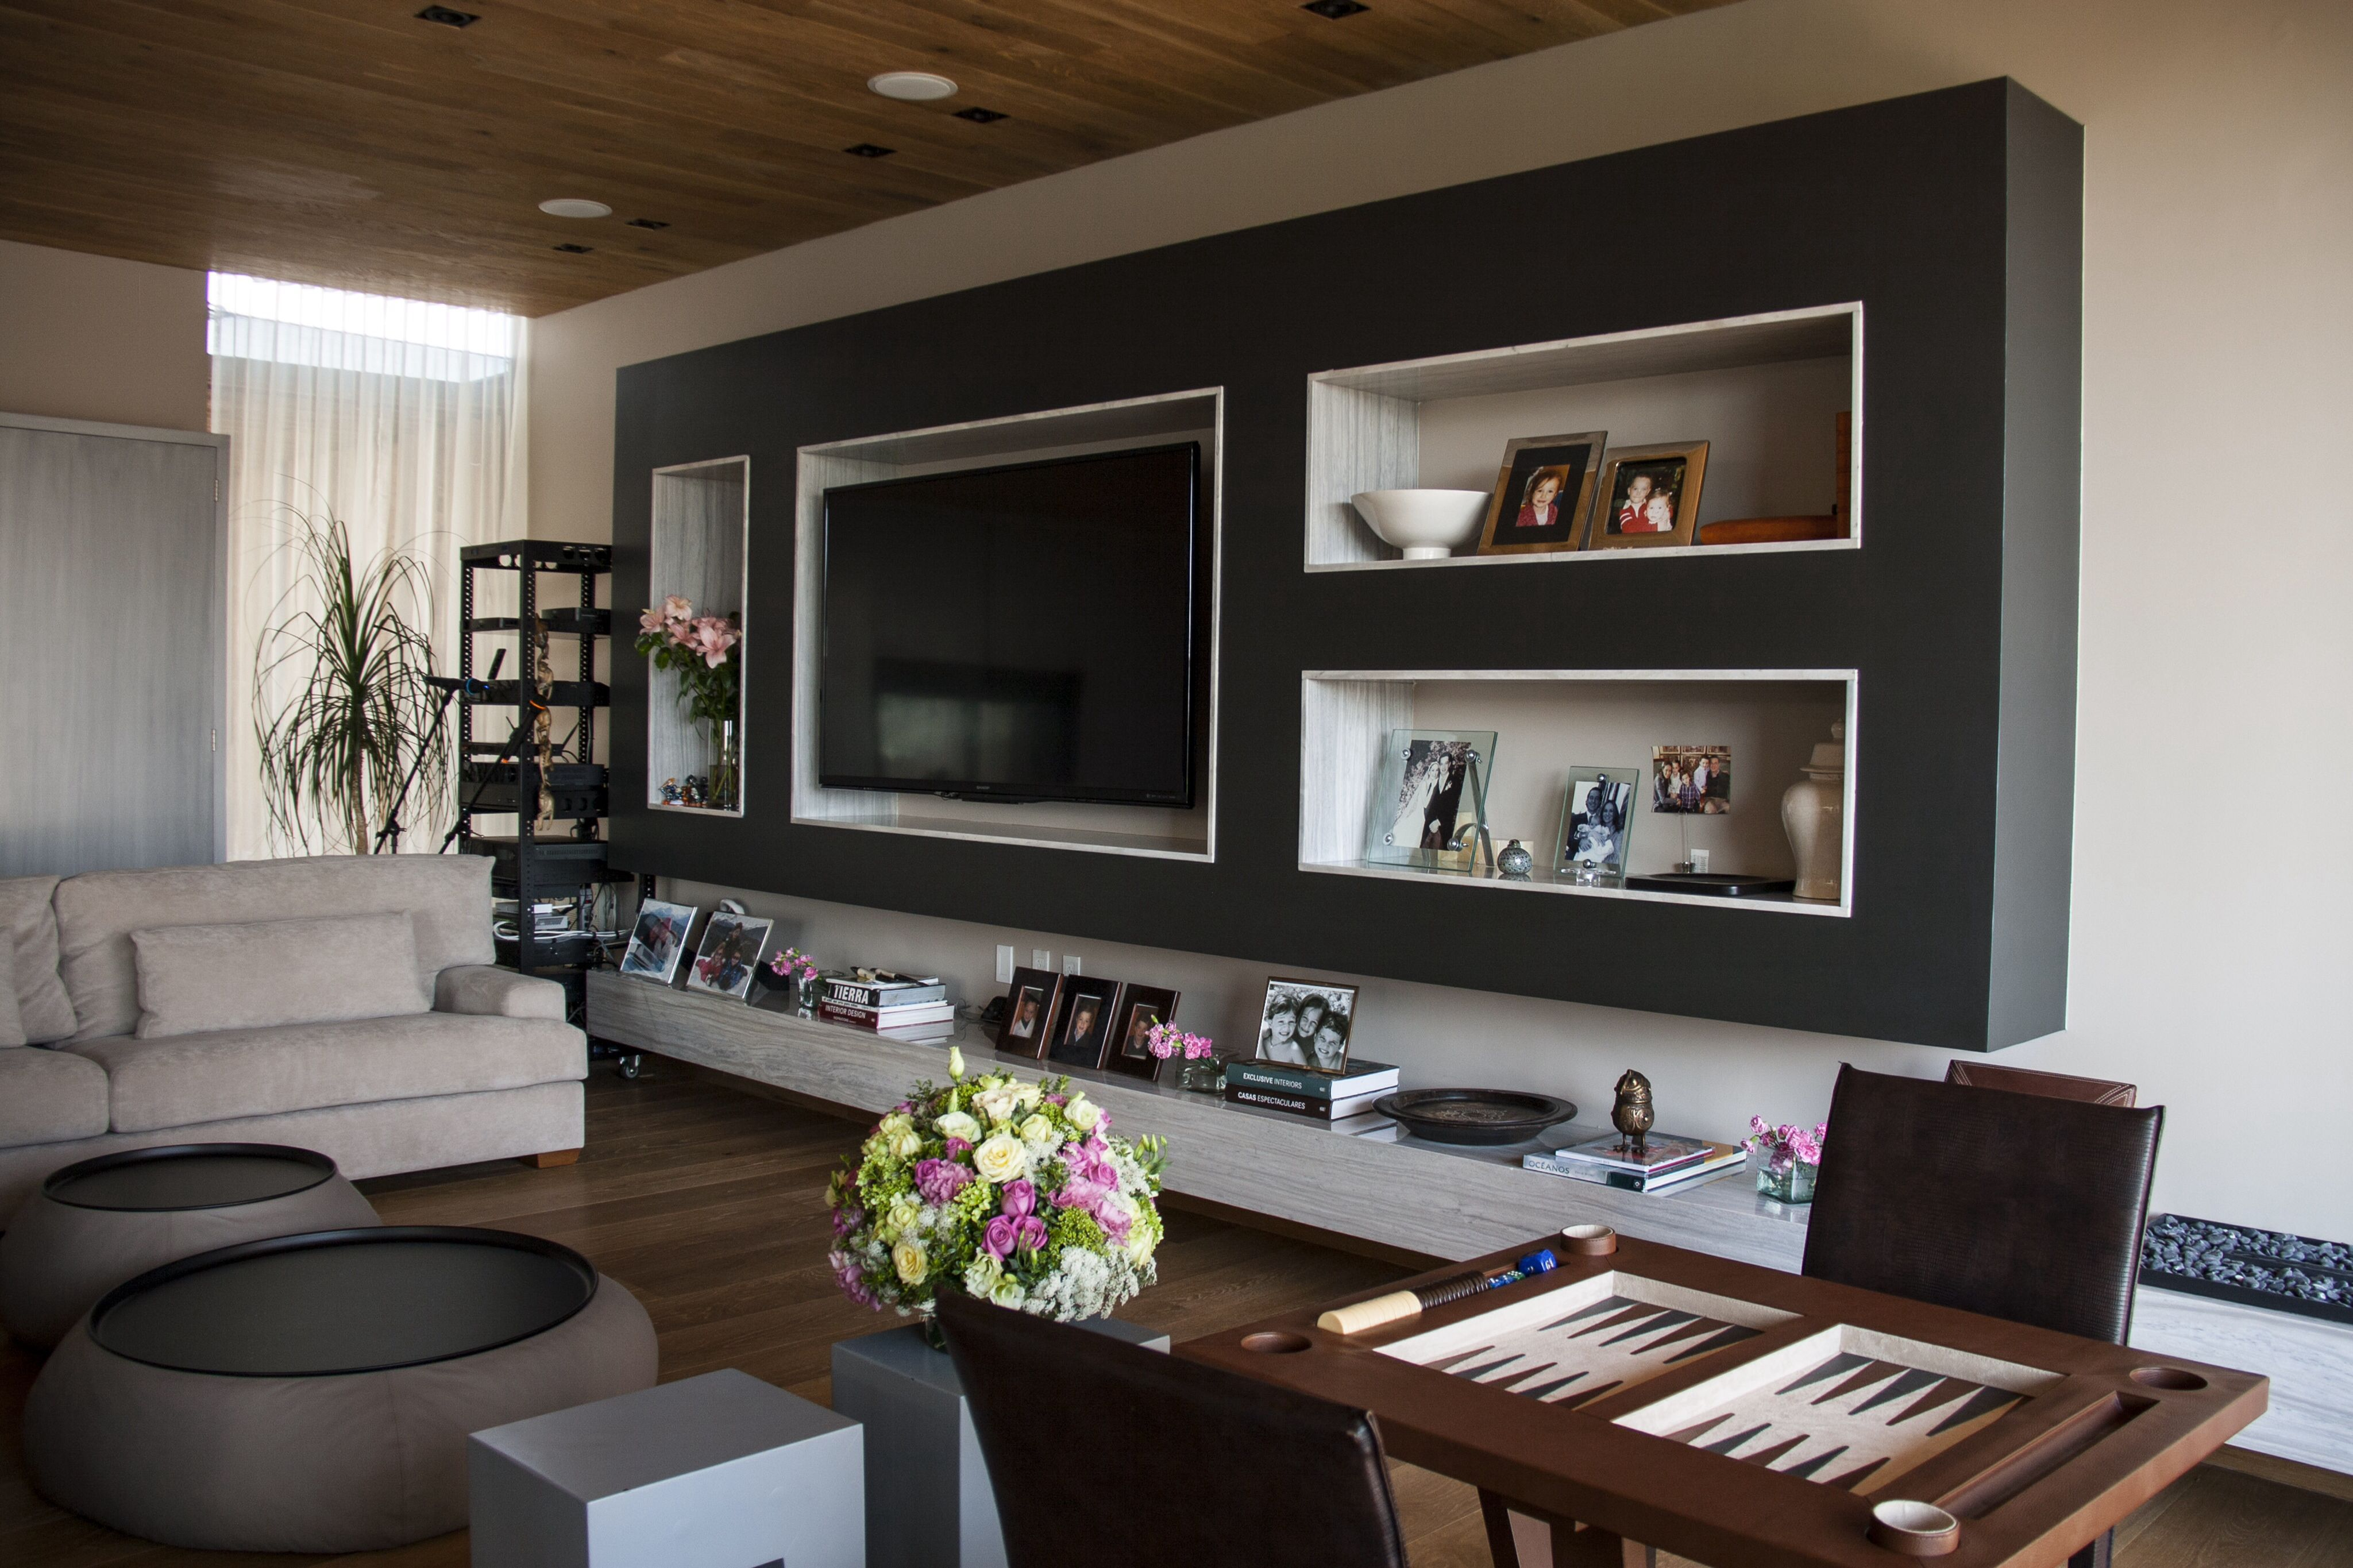 Casa Ss Cuarto De Juegos Mueble De Tv Decoraci N Plaf N De  # Muebles Codigo Abierto